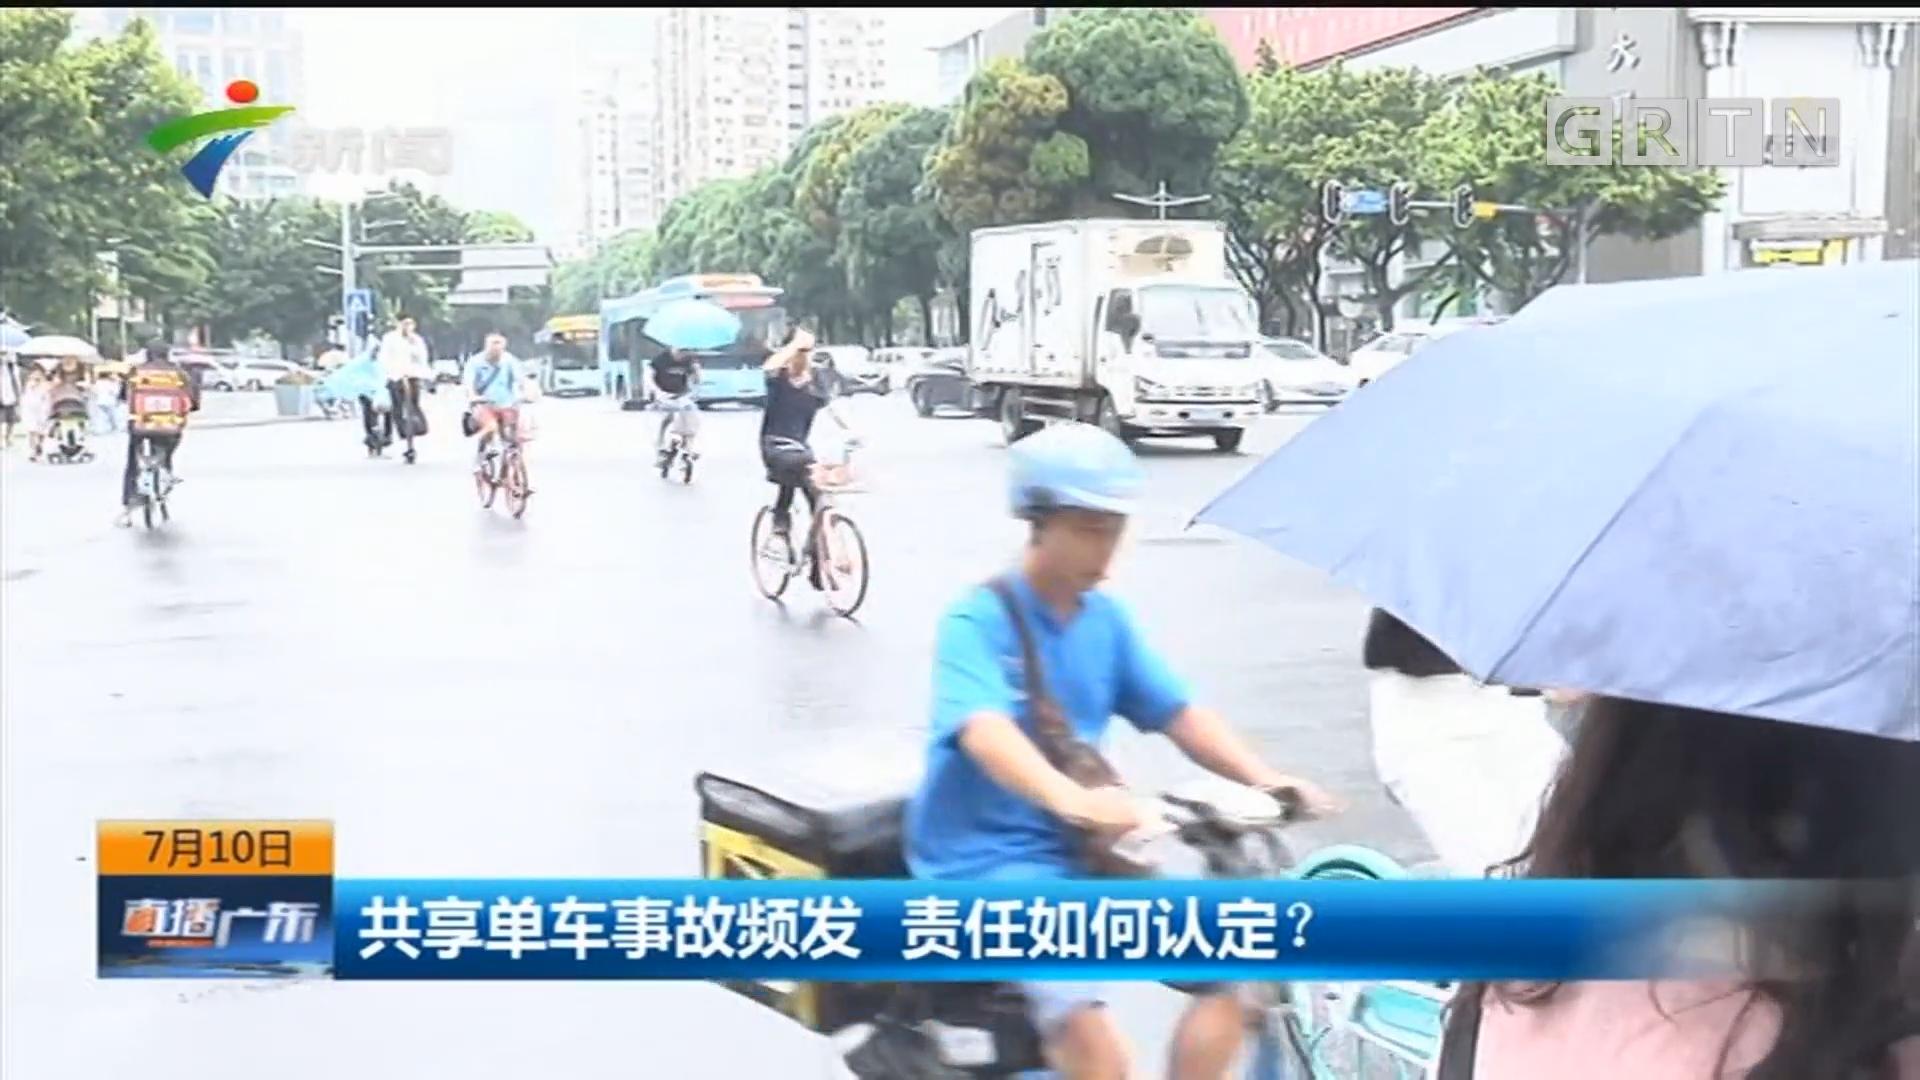 共享单车事故频发 责任如何认定?